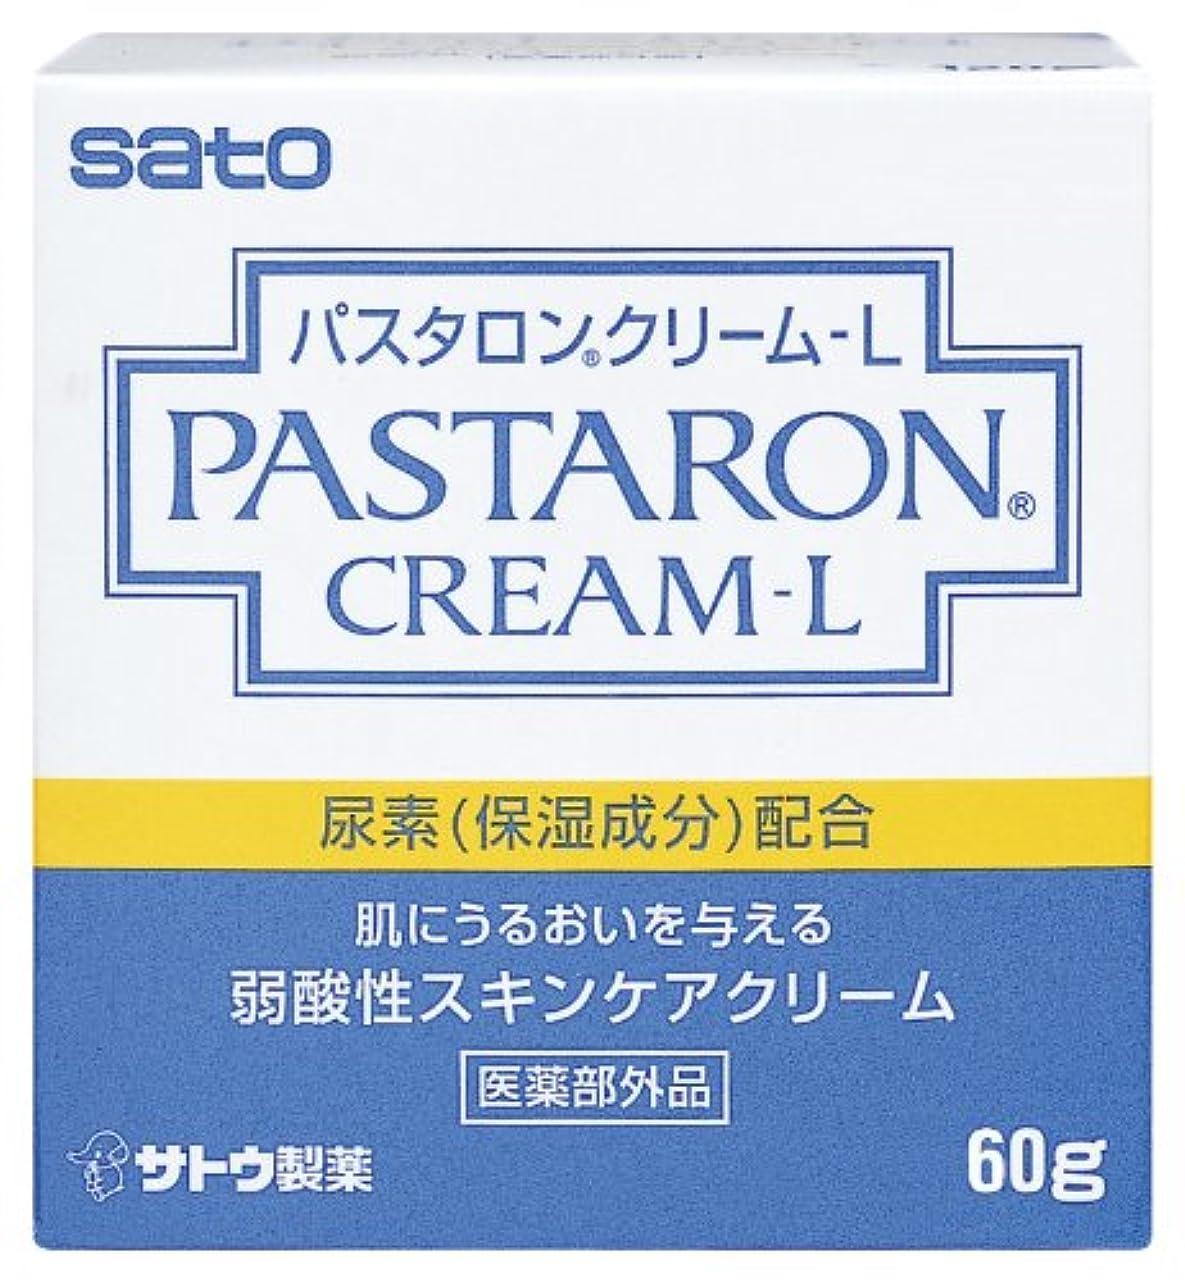 溶融栄光出演者パスタロンクリーム-L 60g